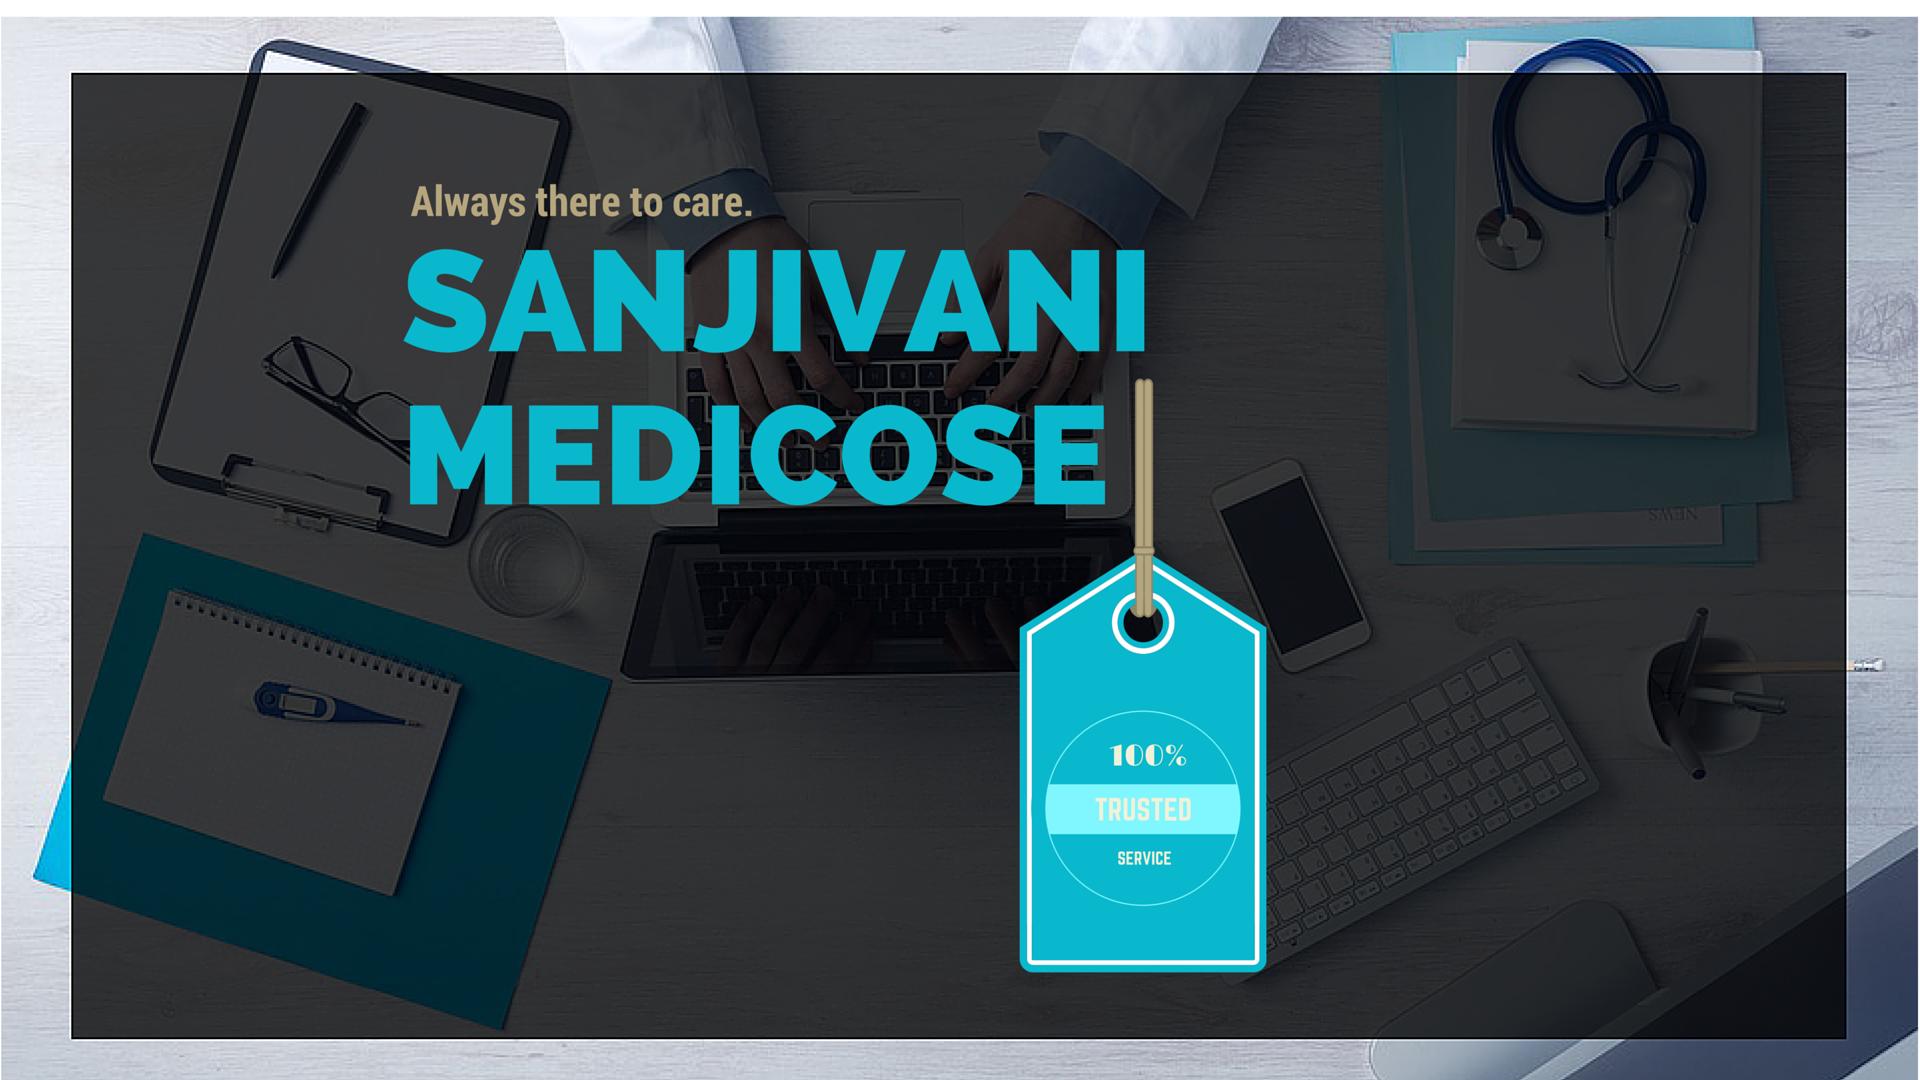 Sanjivani Medicose